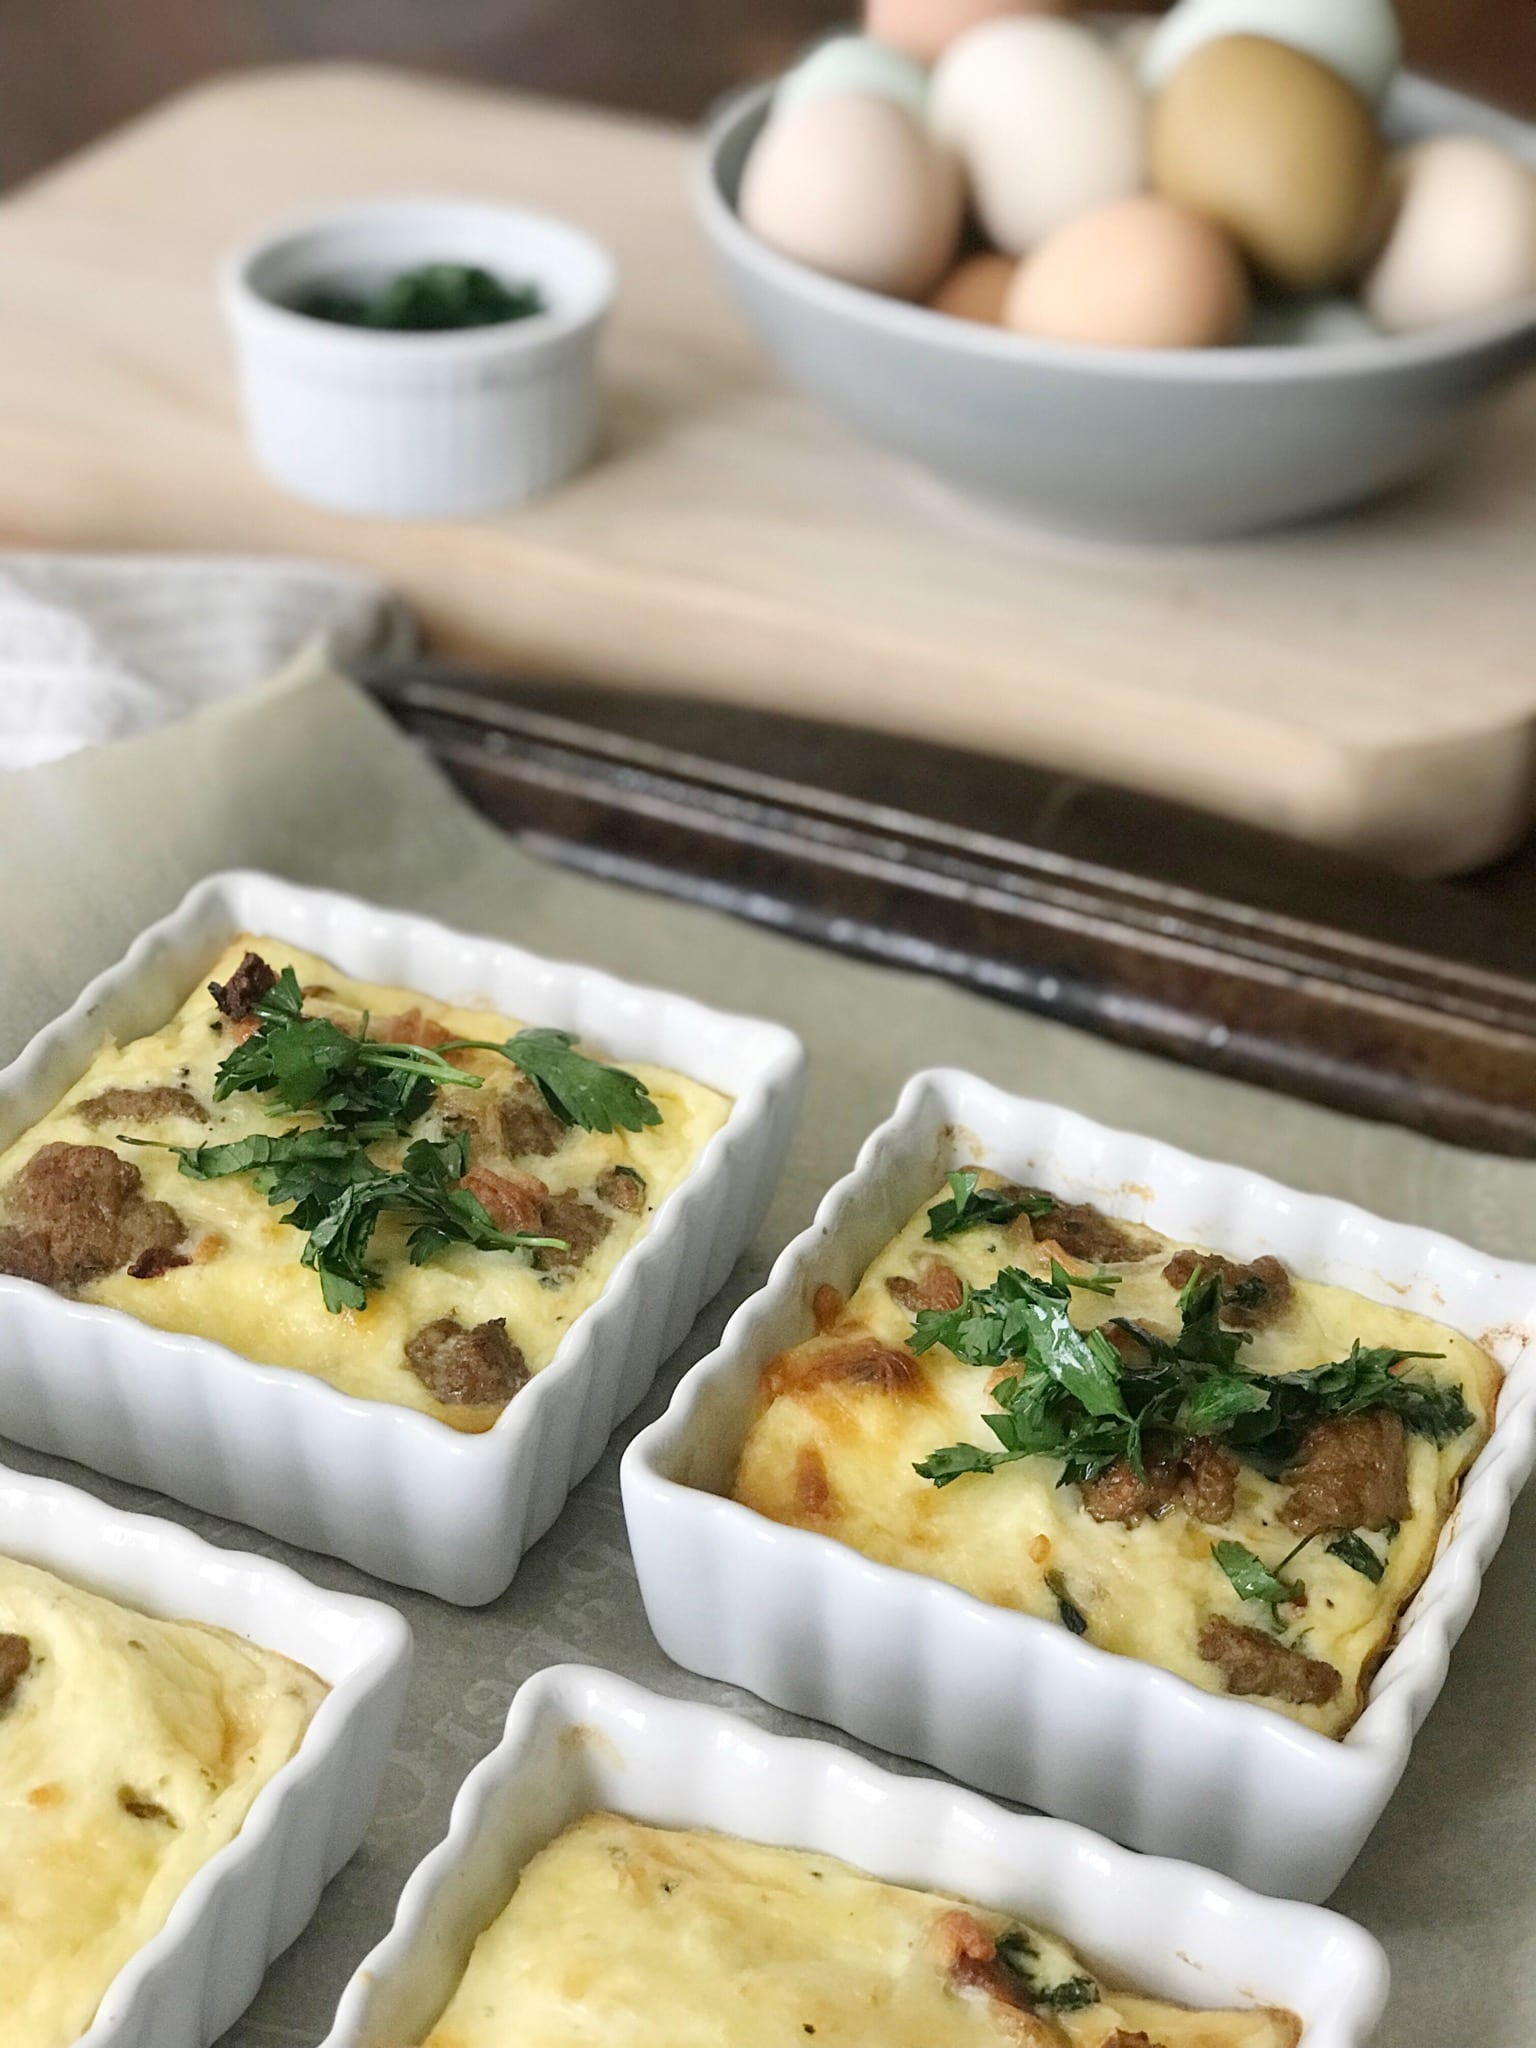 Egg & Chicken Sausage Bake